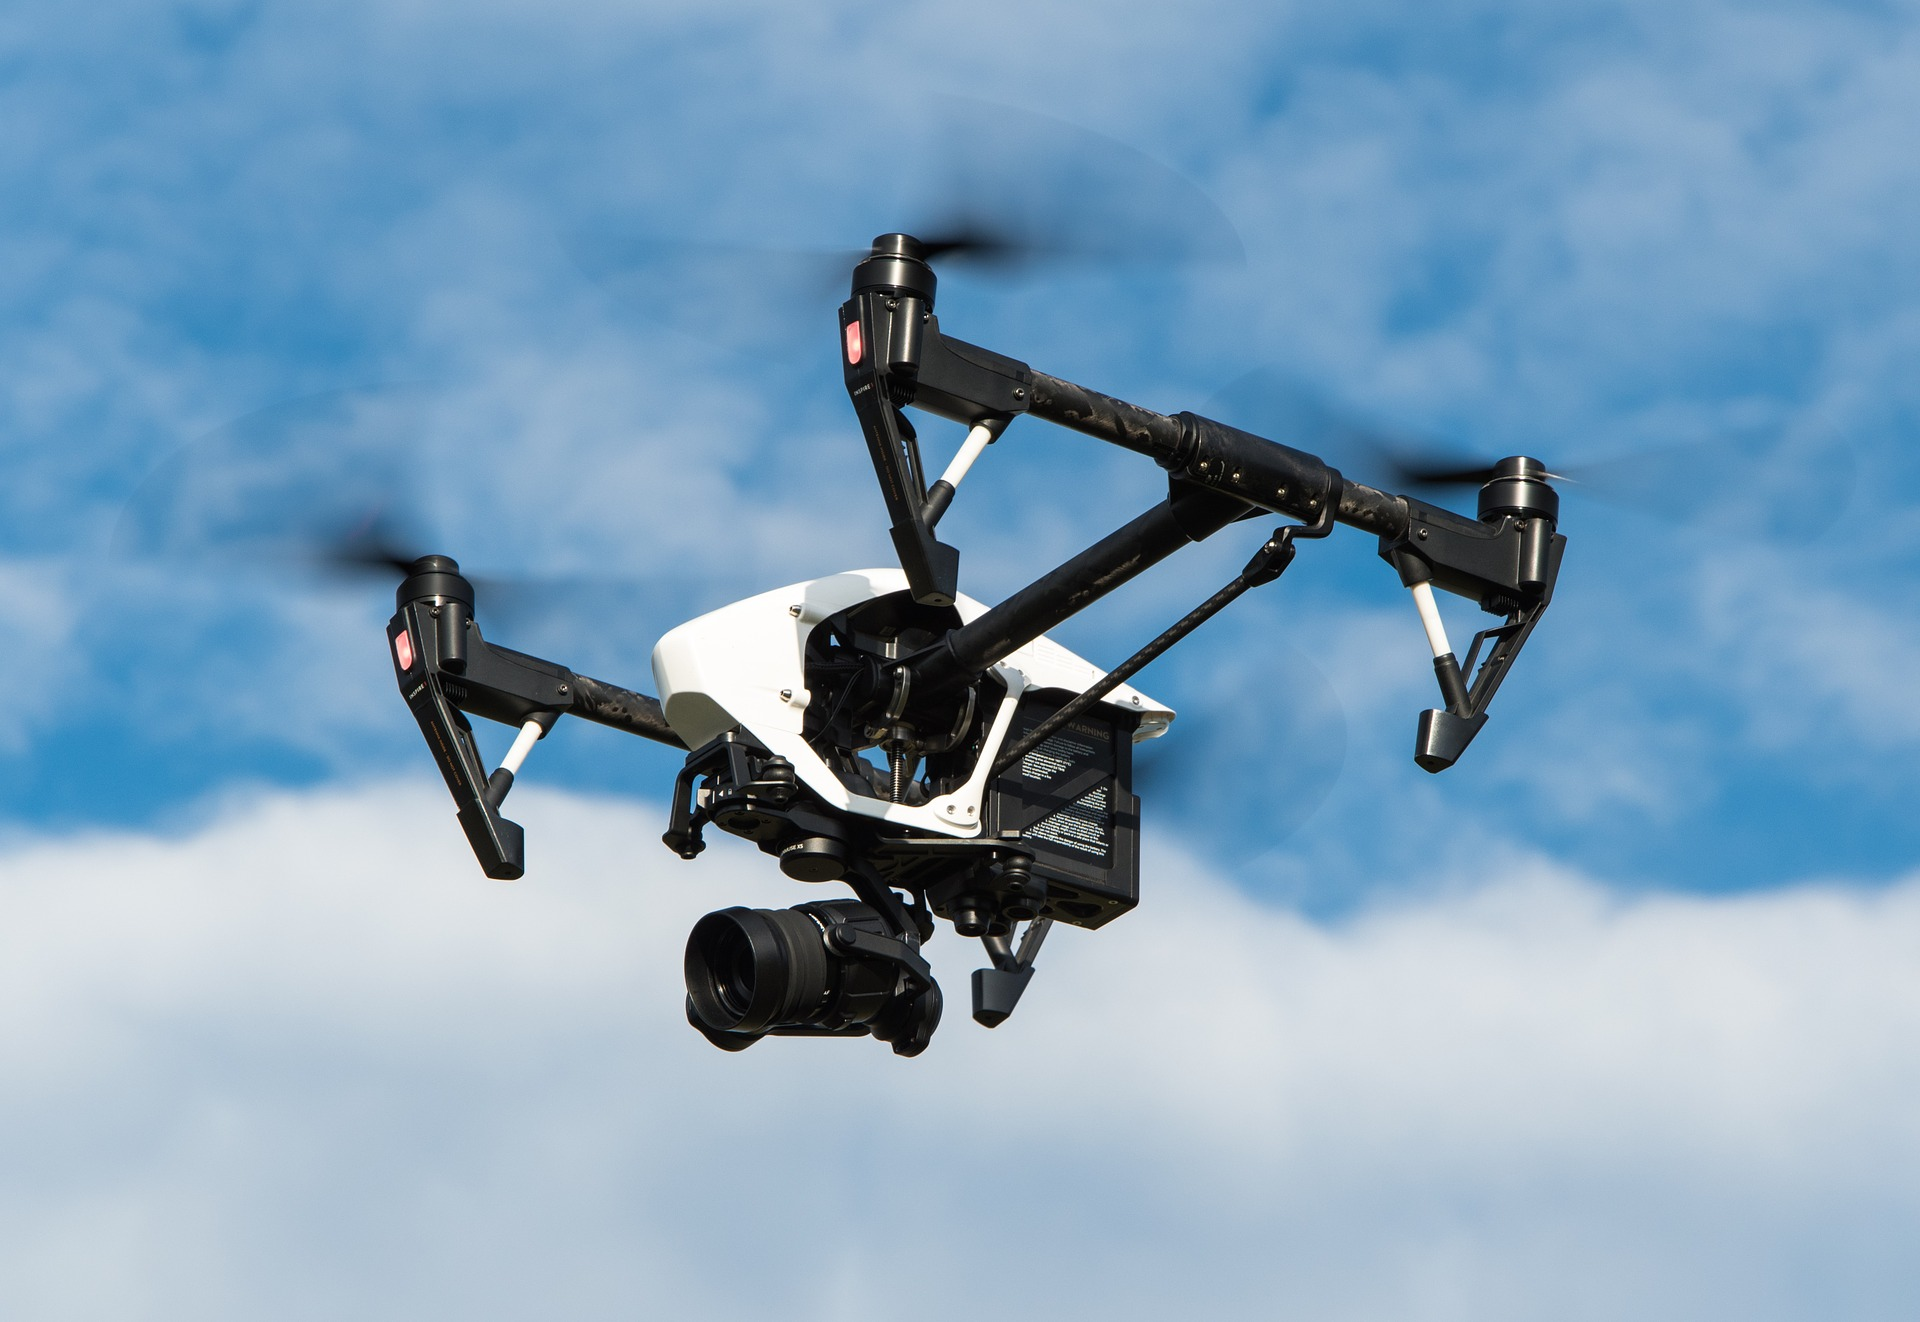 Drone 1080844 1920